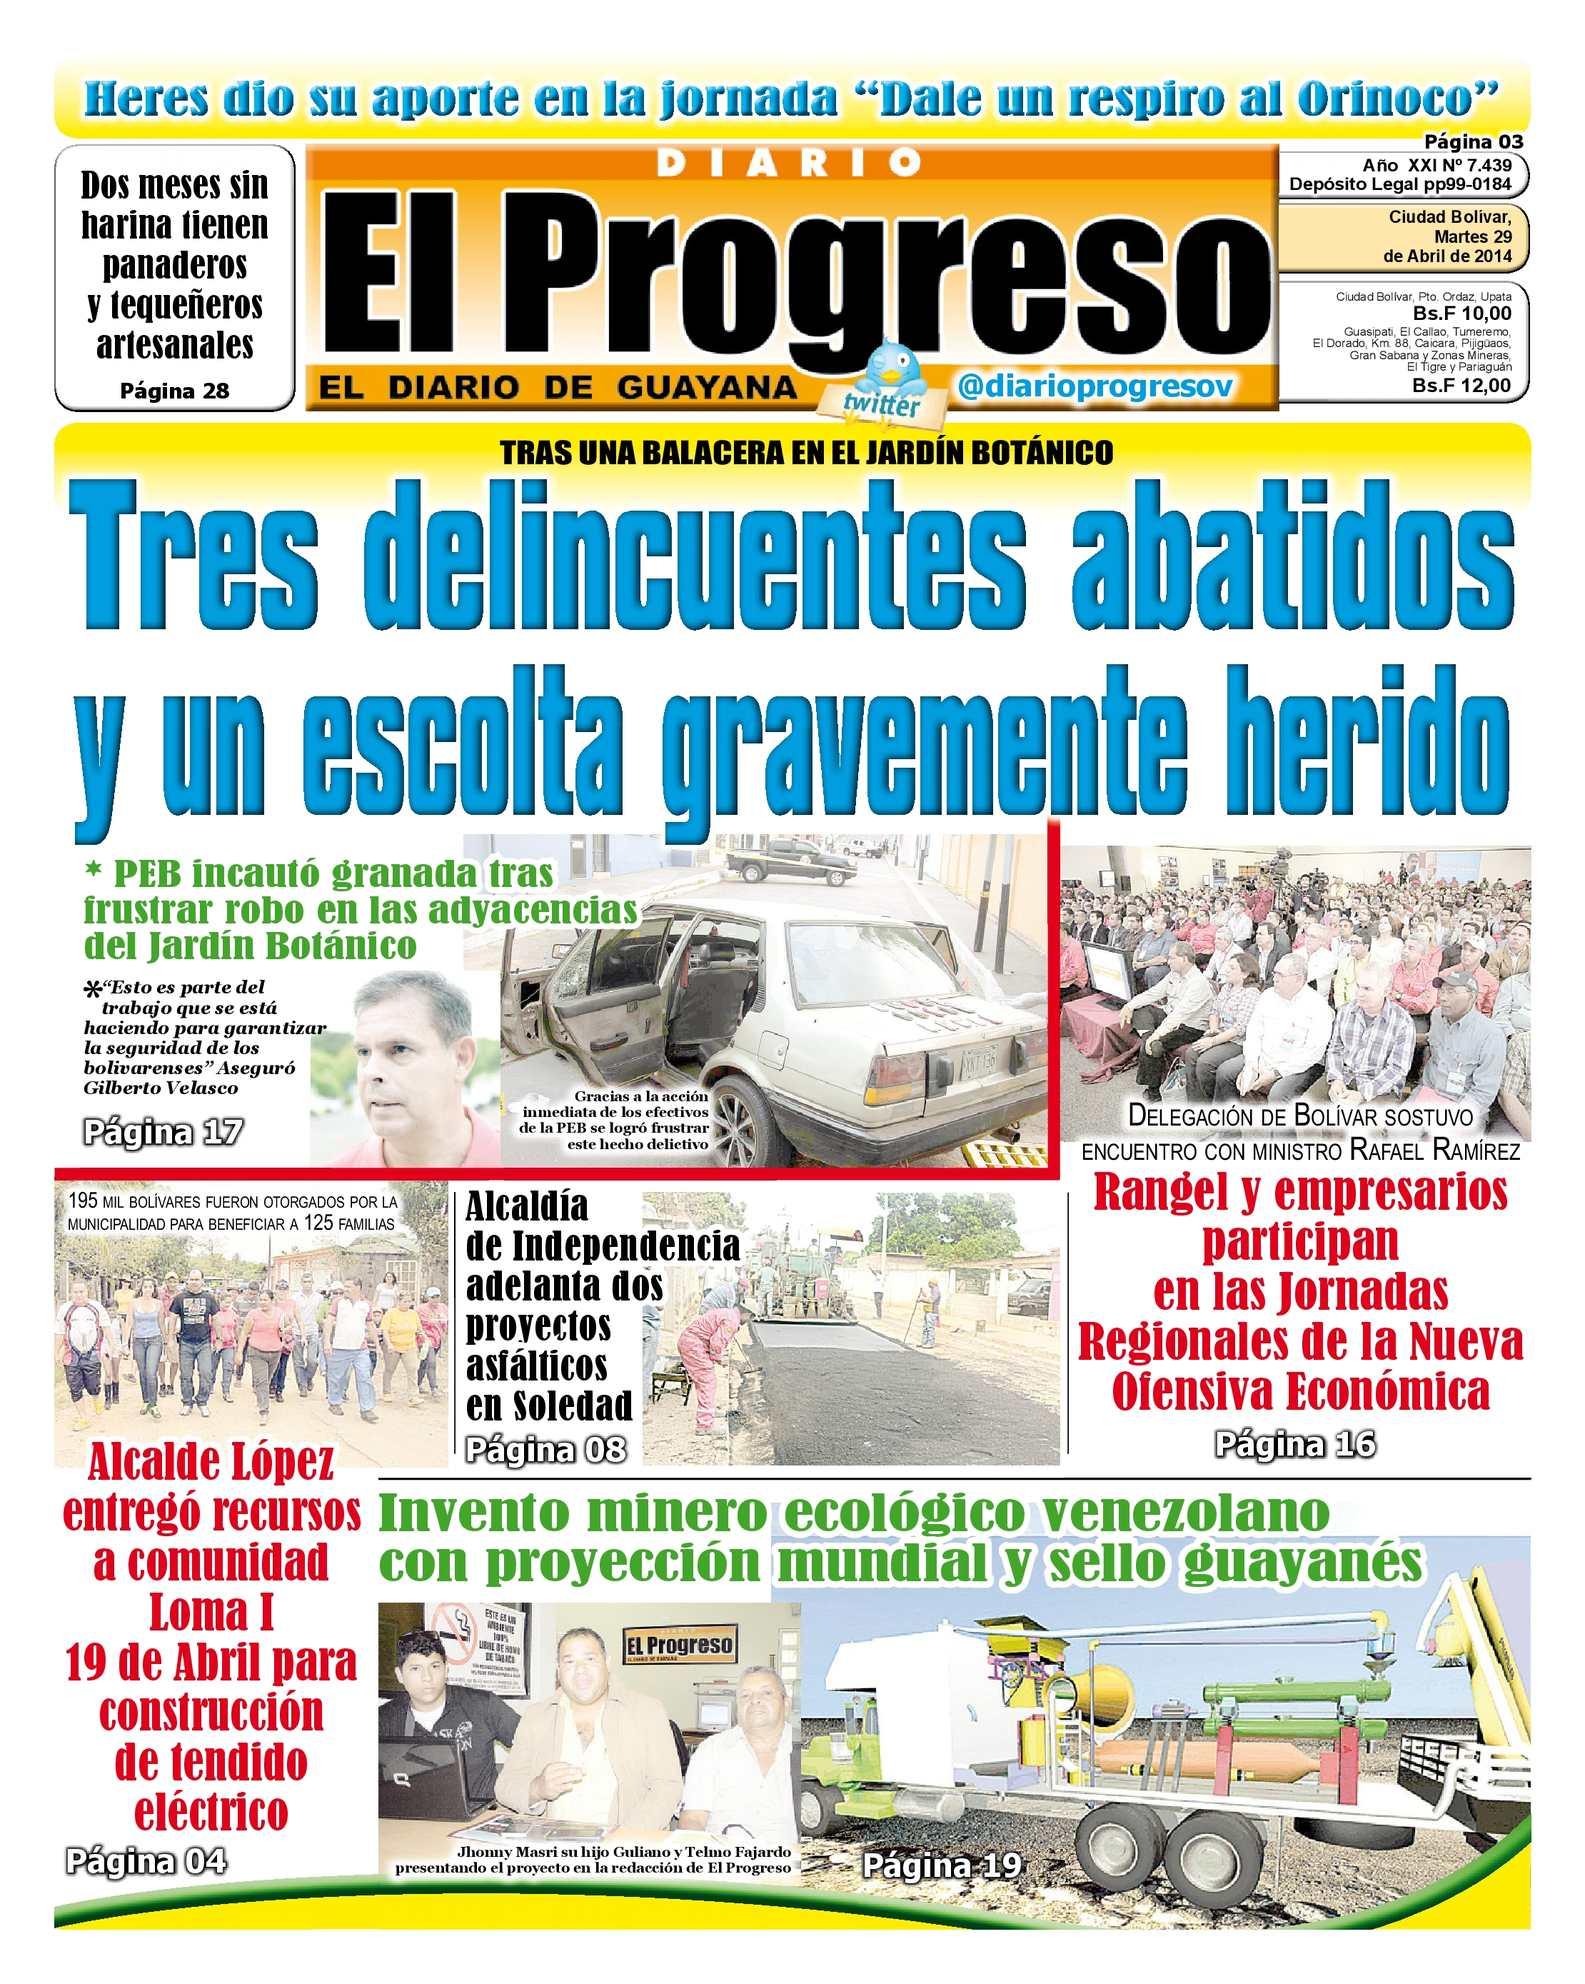 Calaméo - DIARIO EL PROGRESO EDICIÓN DIGITAL 29-04-2014